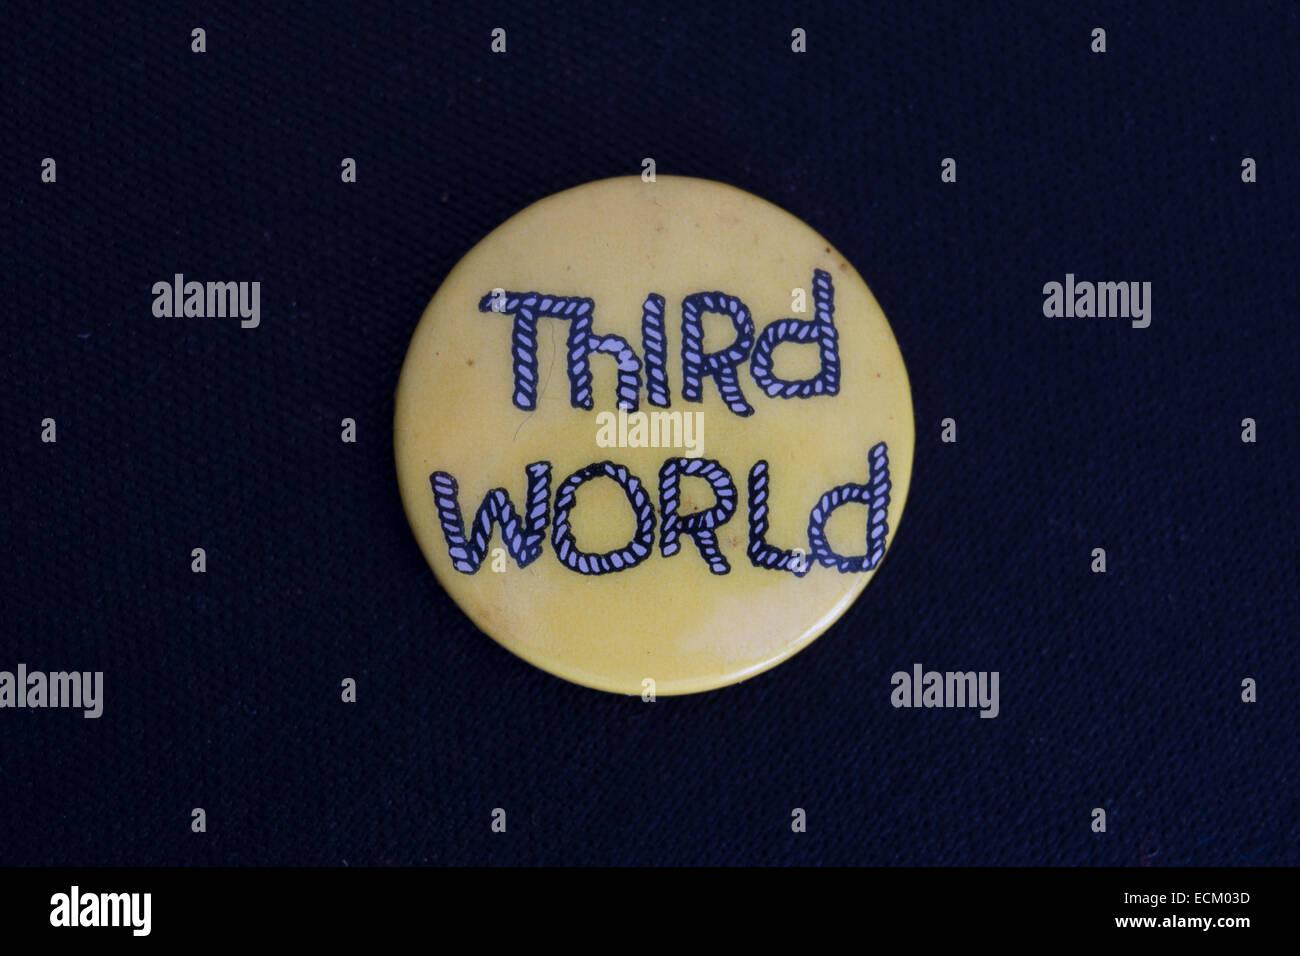 Badge da bavero la promozione del terzo mondo, un giamaicano reggae band fondata negli anni settanta Immagini Stock